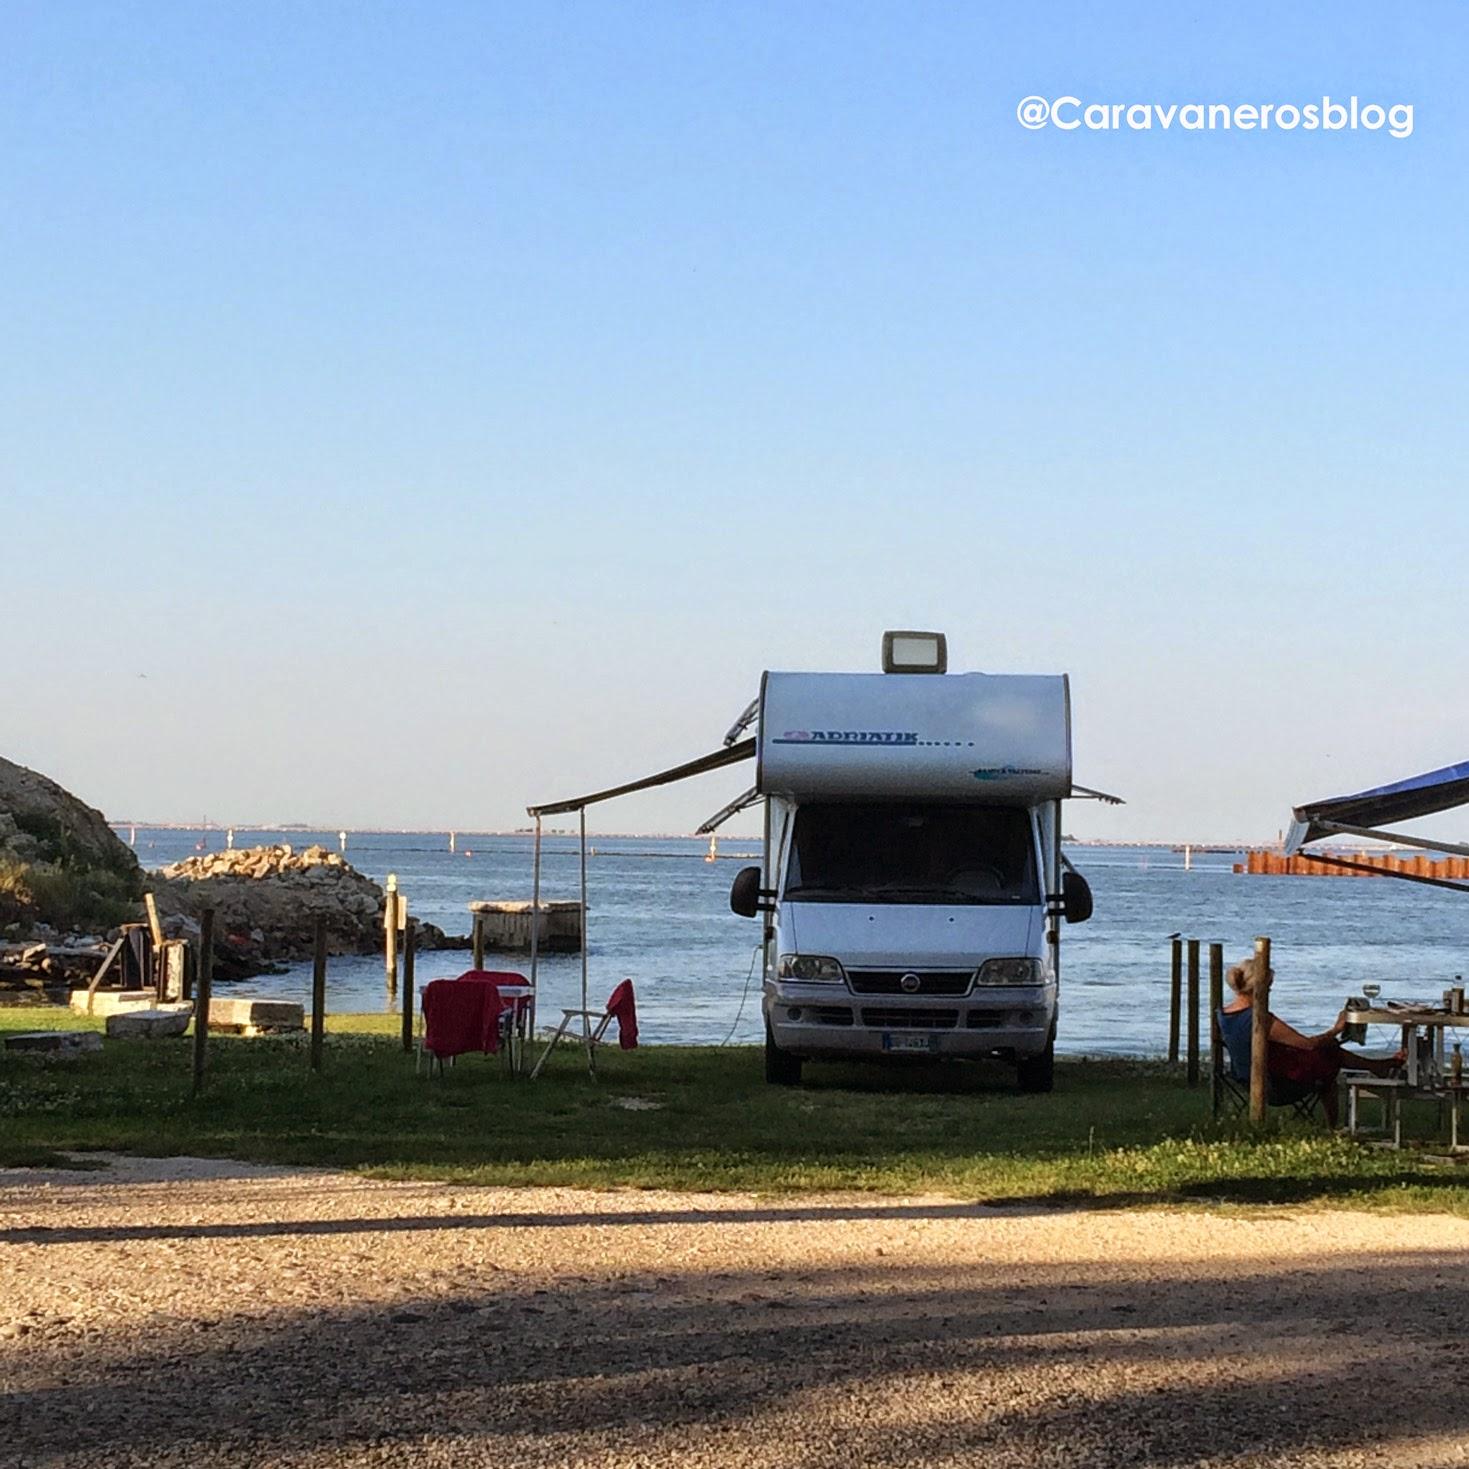 Alquilar autocaravana en Italia. Camping Fusina. Venecia | caravaneros.com